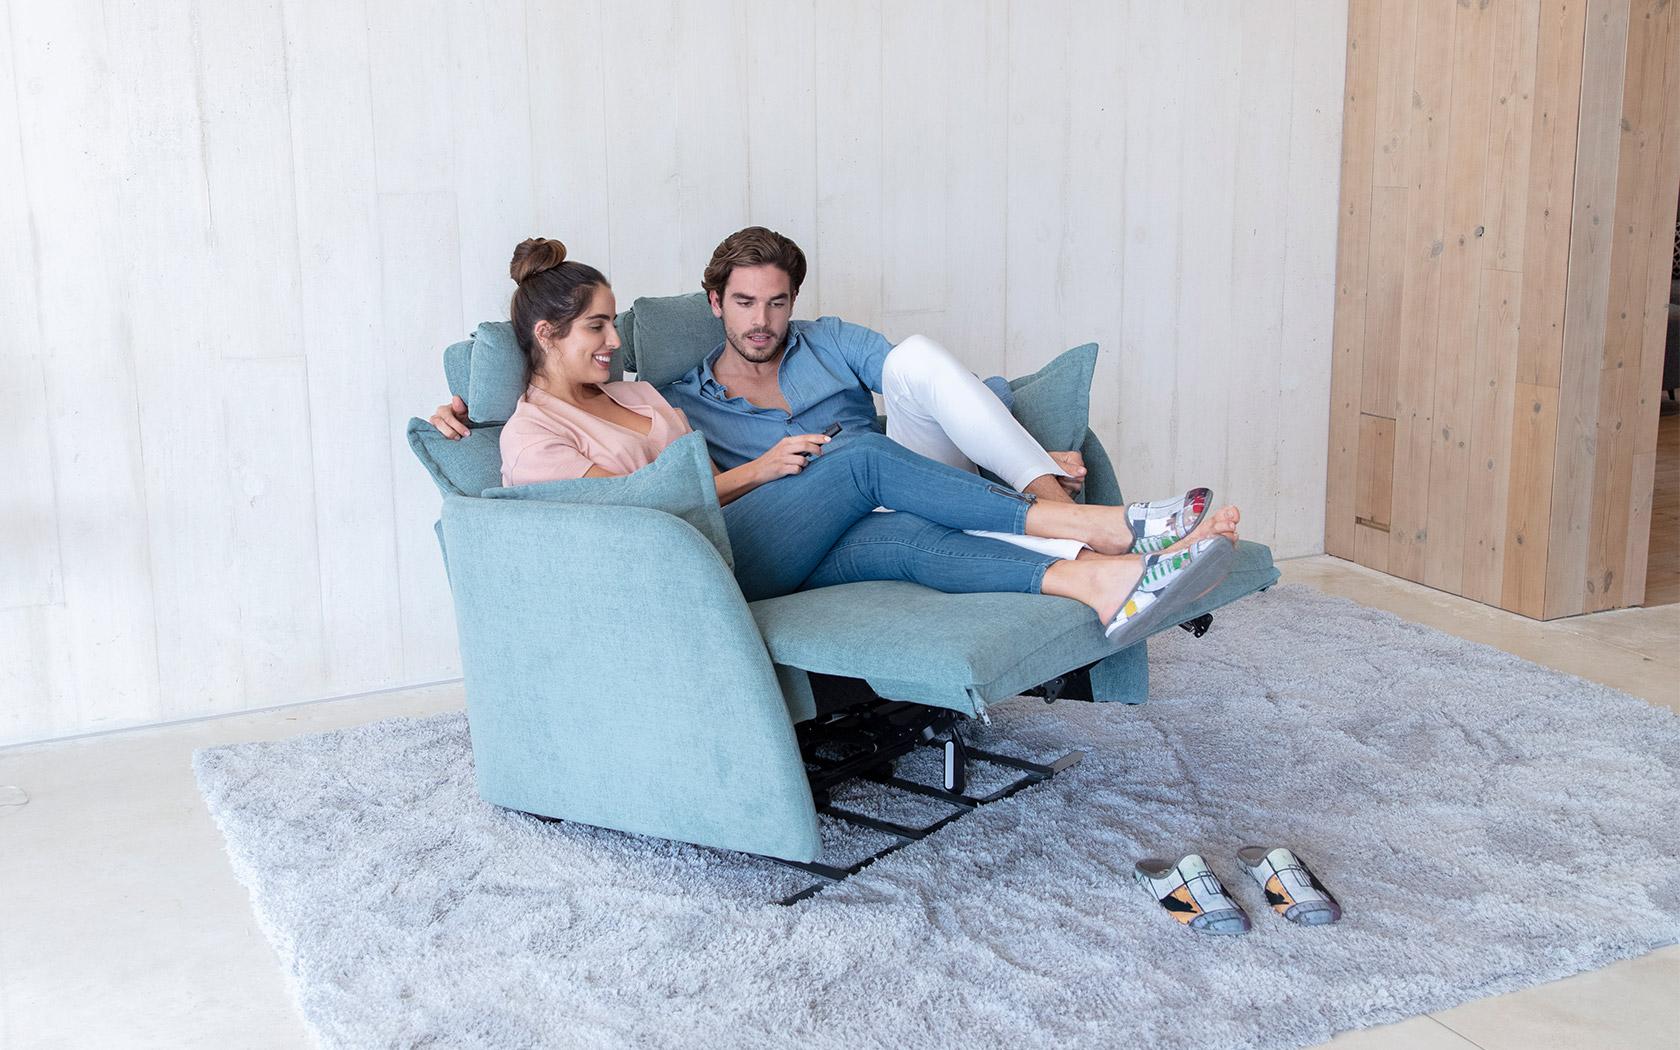 NadiaXL sillon relax 2021 06